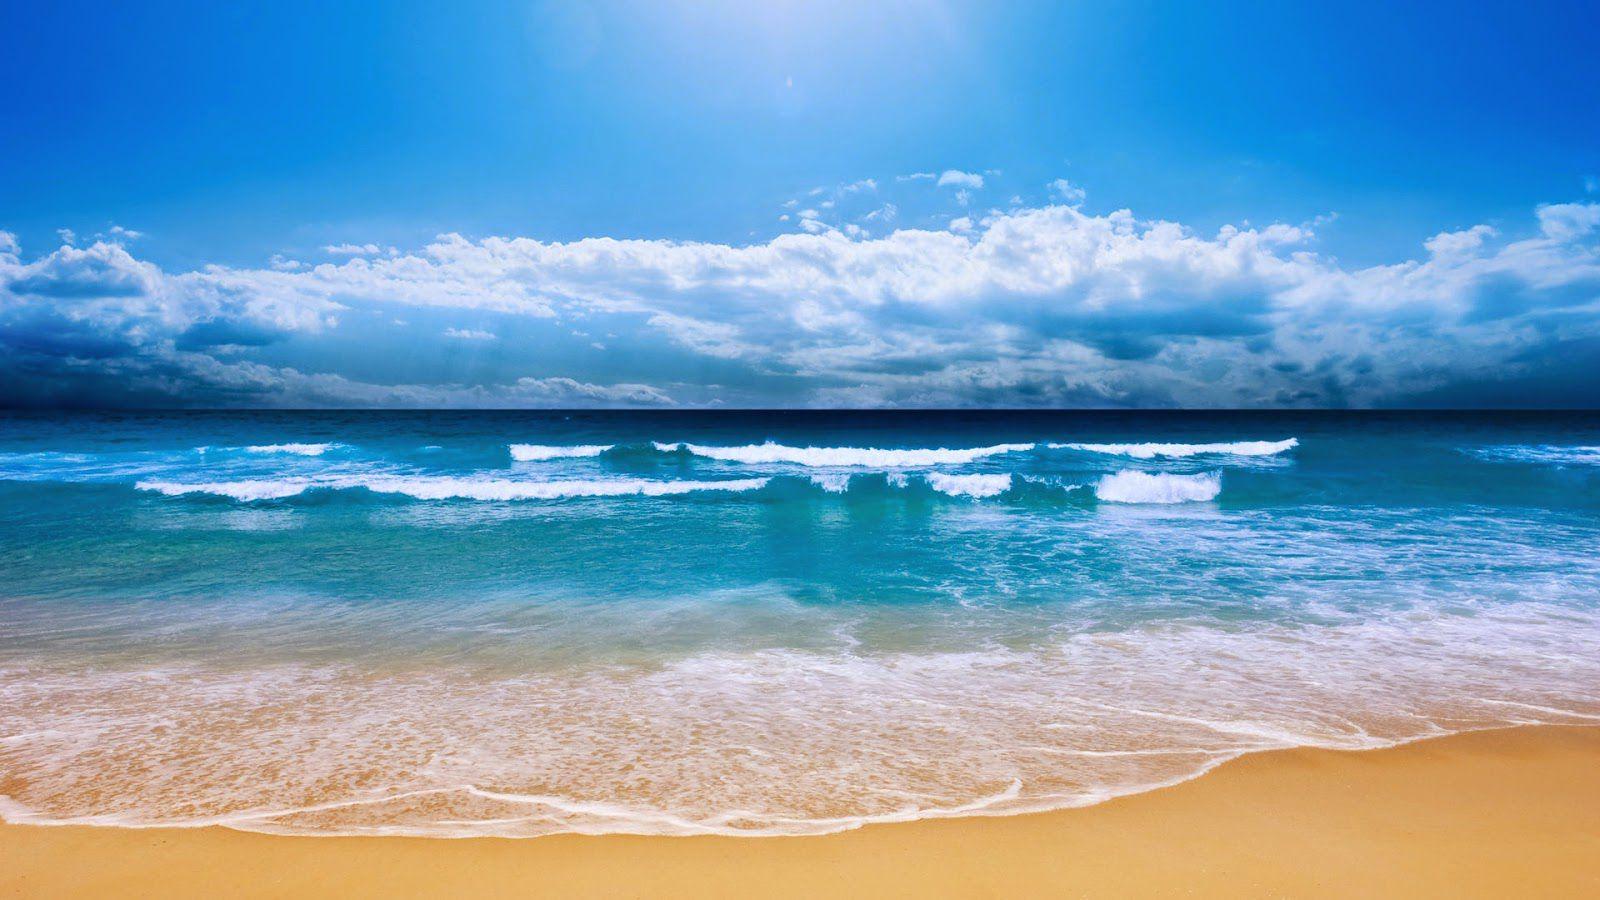 Bờ biển dài cát trắng